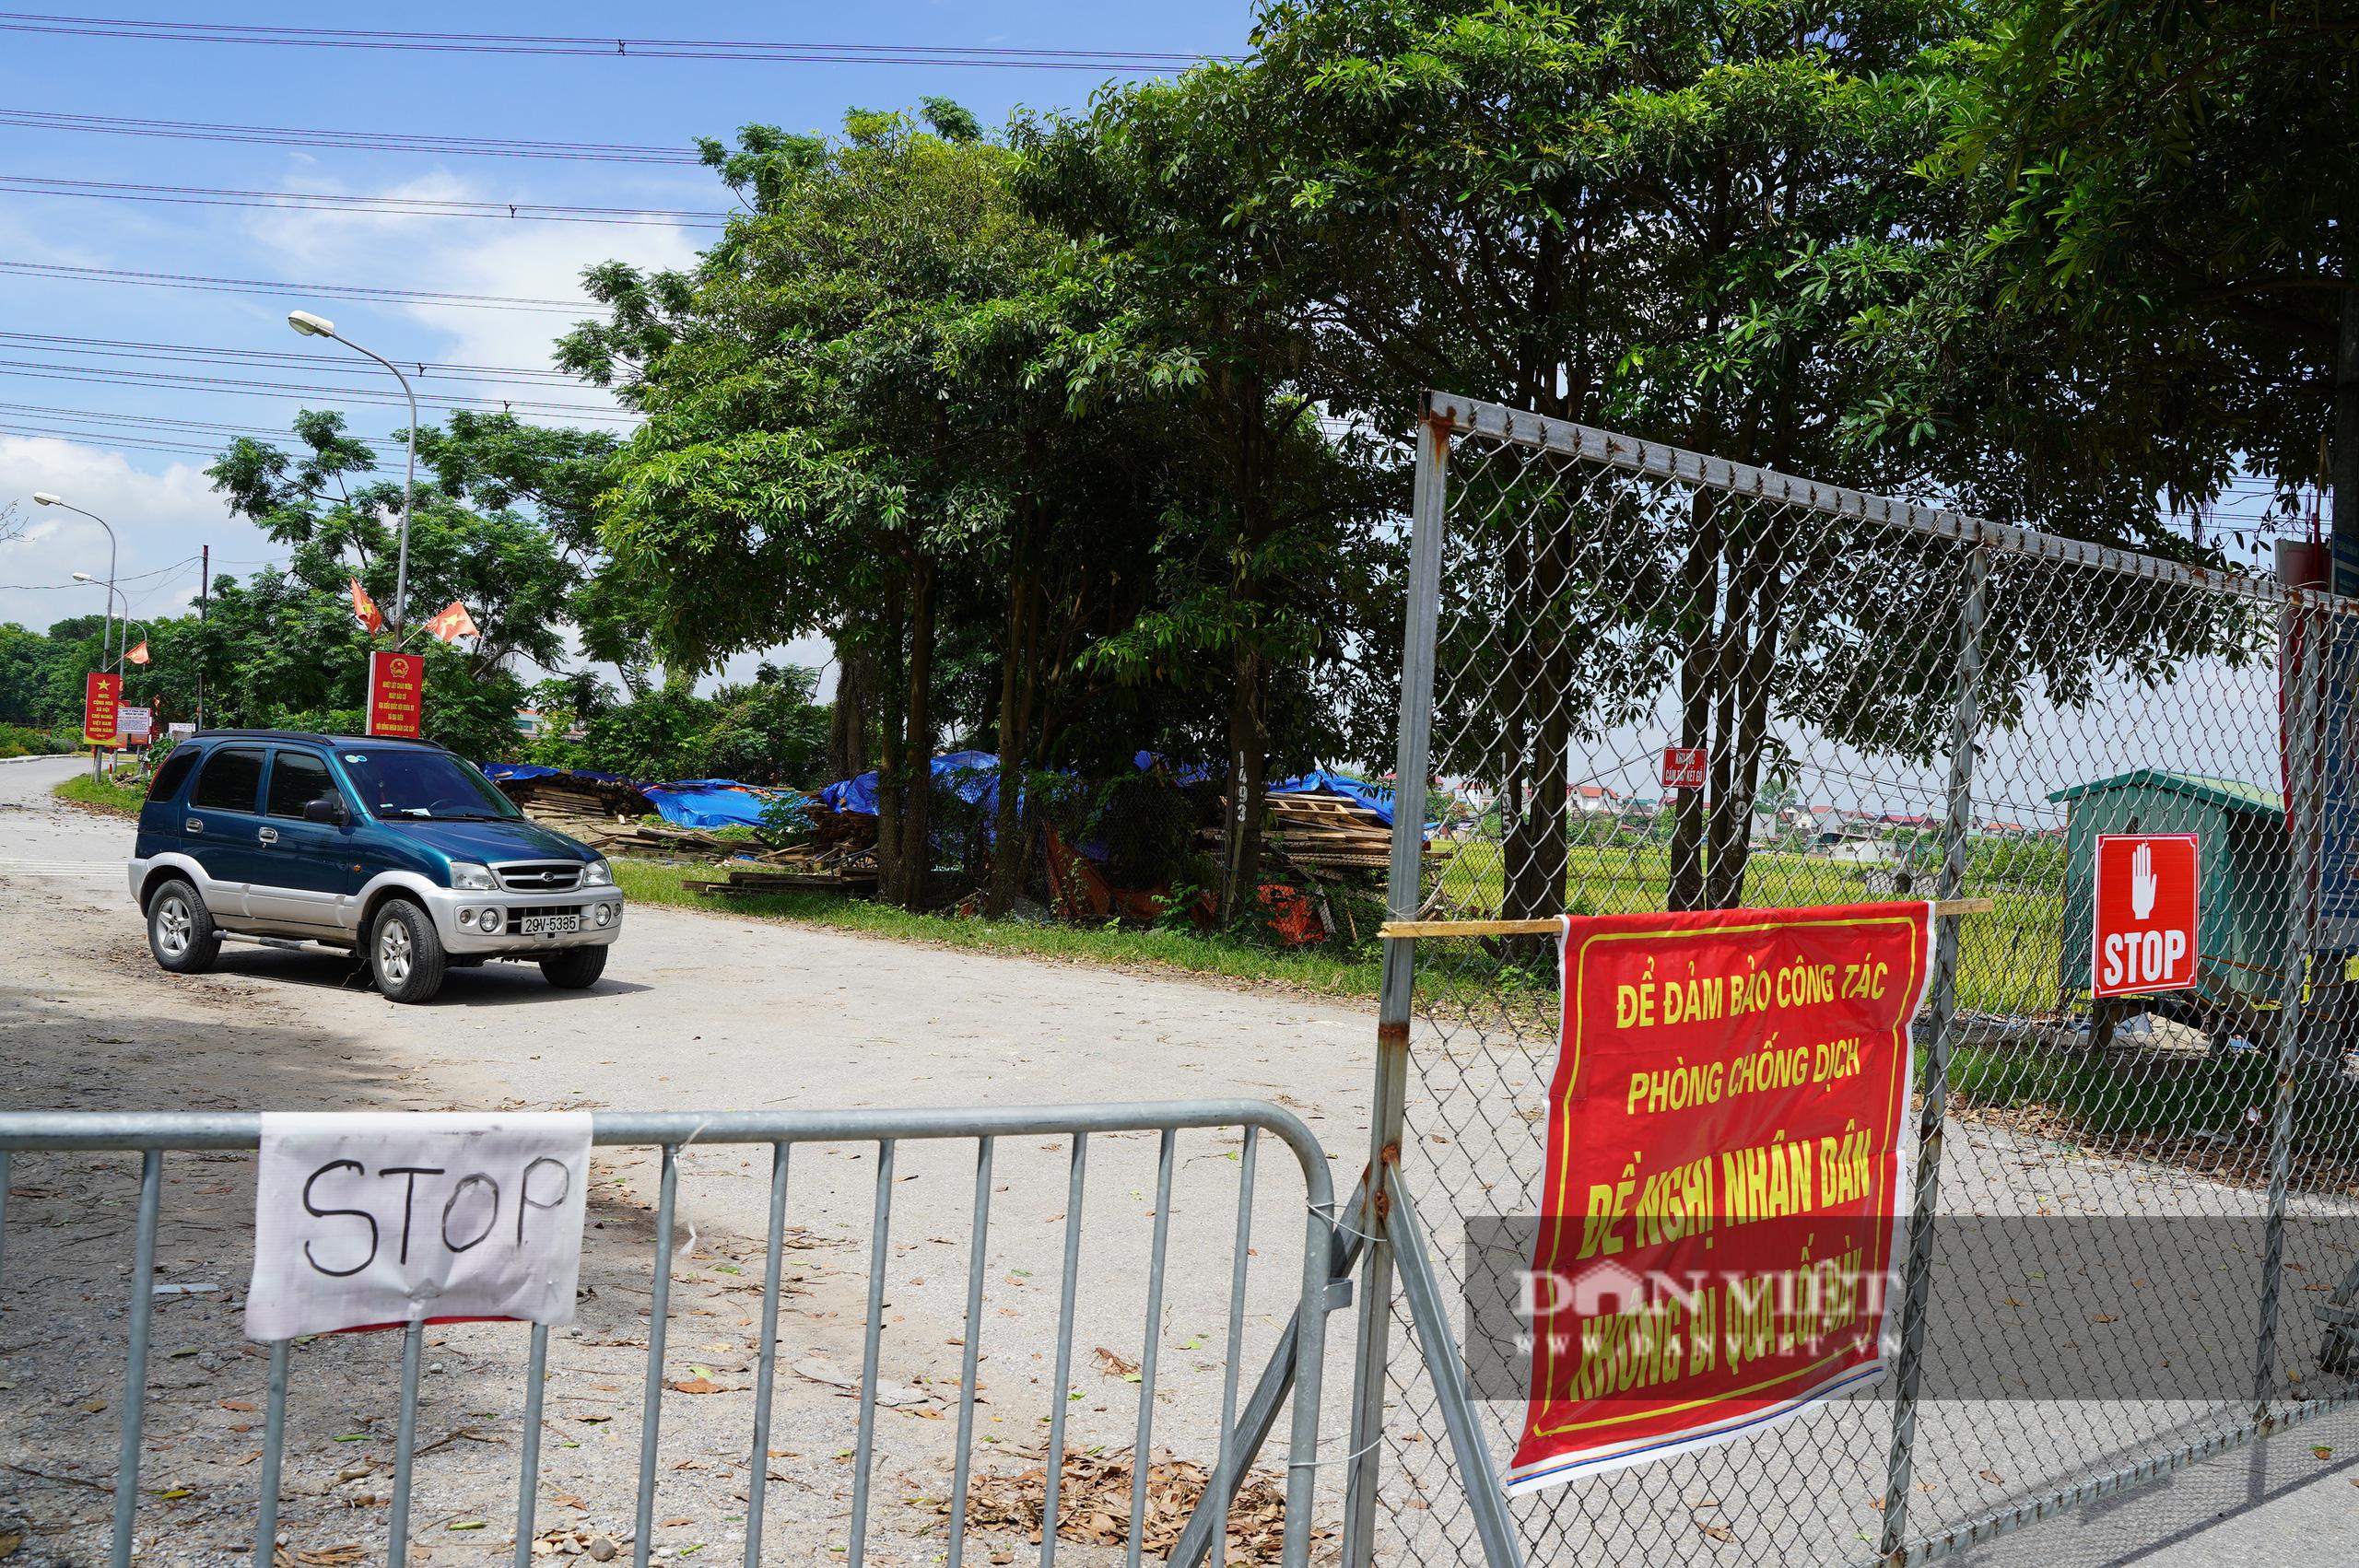 Hà Nội: Đổ đất, dựng rào phòng dịch tại các nơi tiếp giáp Bắc Giang, Bắc Ninh - Ảnh 8.